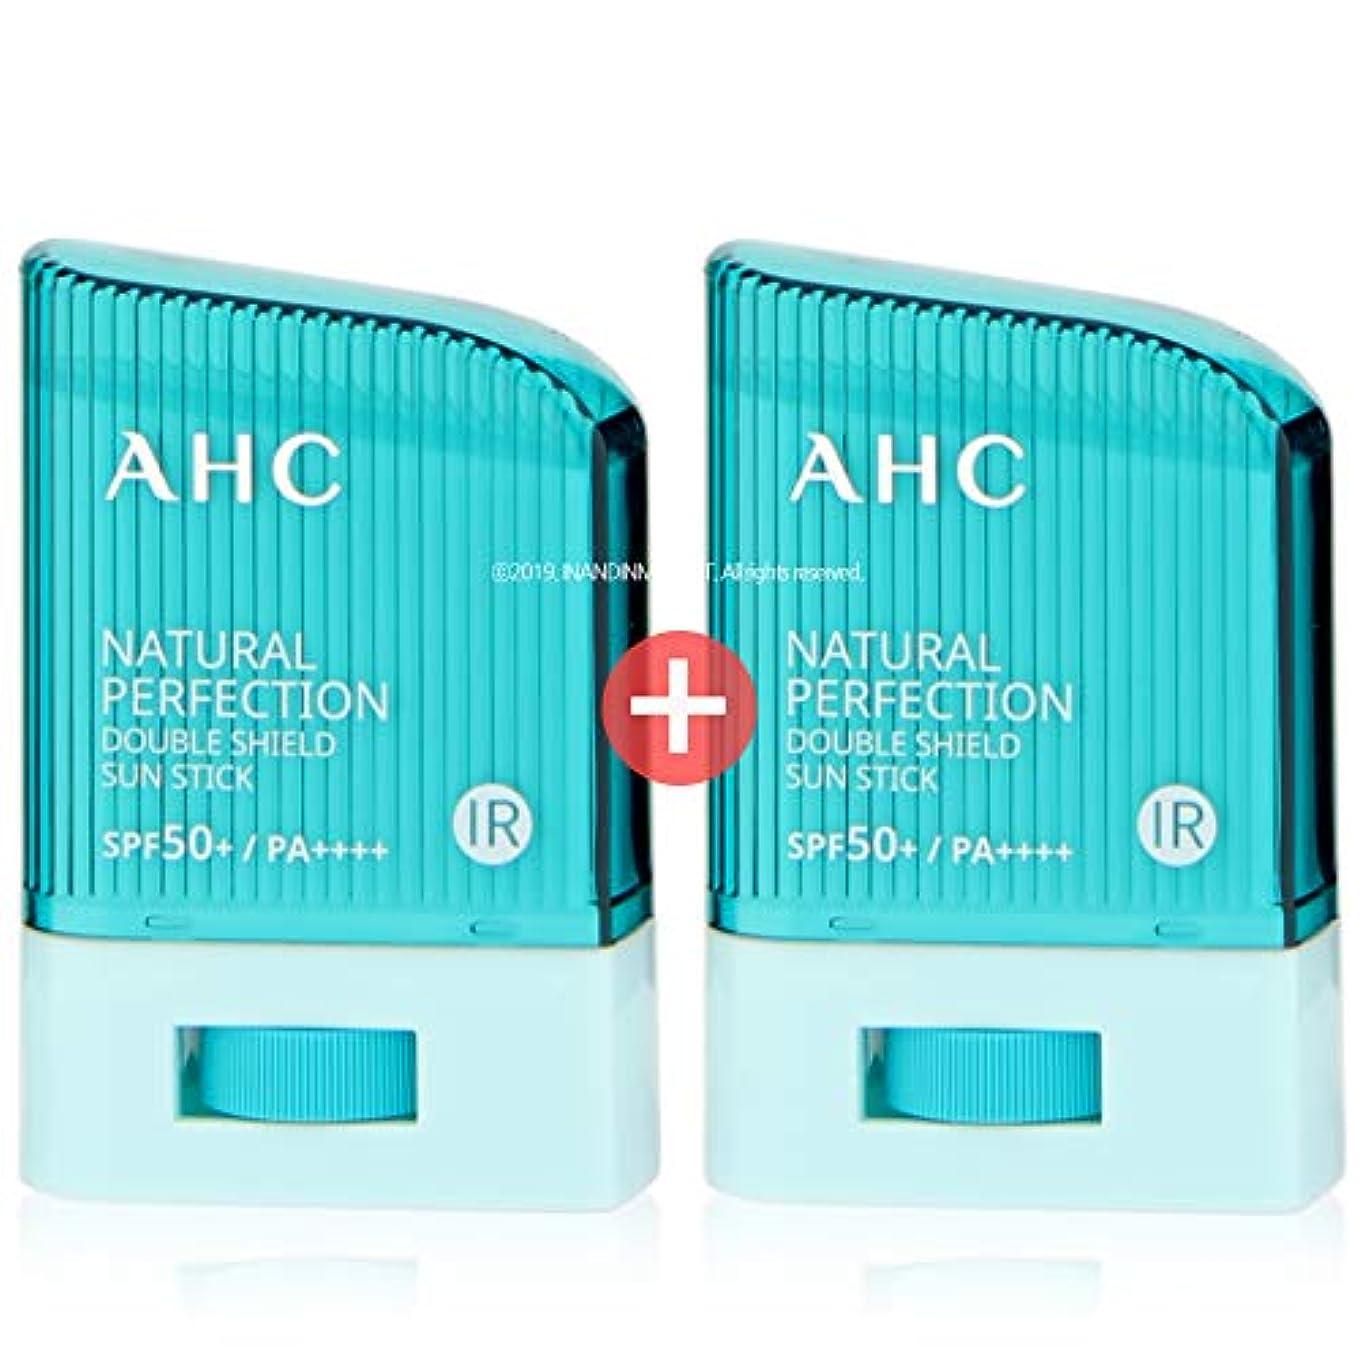 パドル介入する分布[ 1+1 ] AHC ナチュラルパーフェクションダブルシールドサンスティック 14g, Natural Perfection Double Shield Sun Stick SPF50+ PA++++